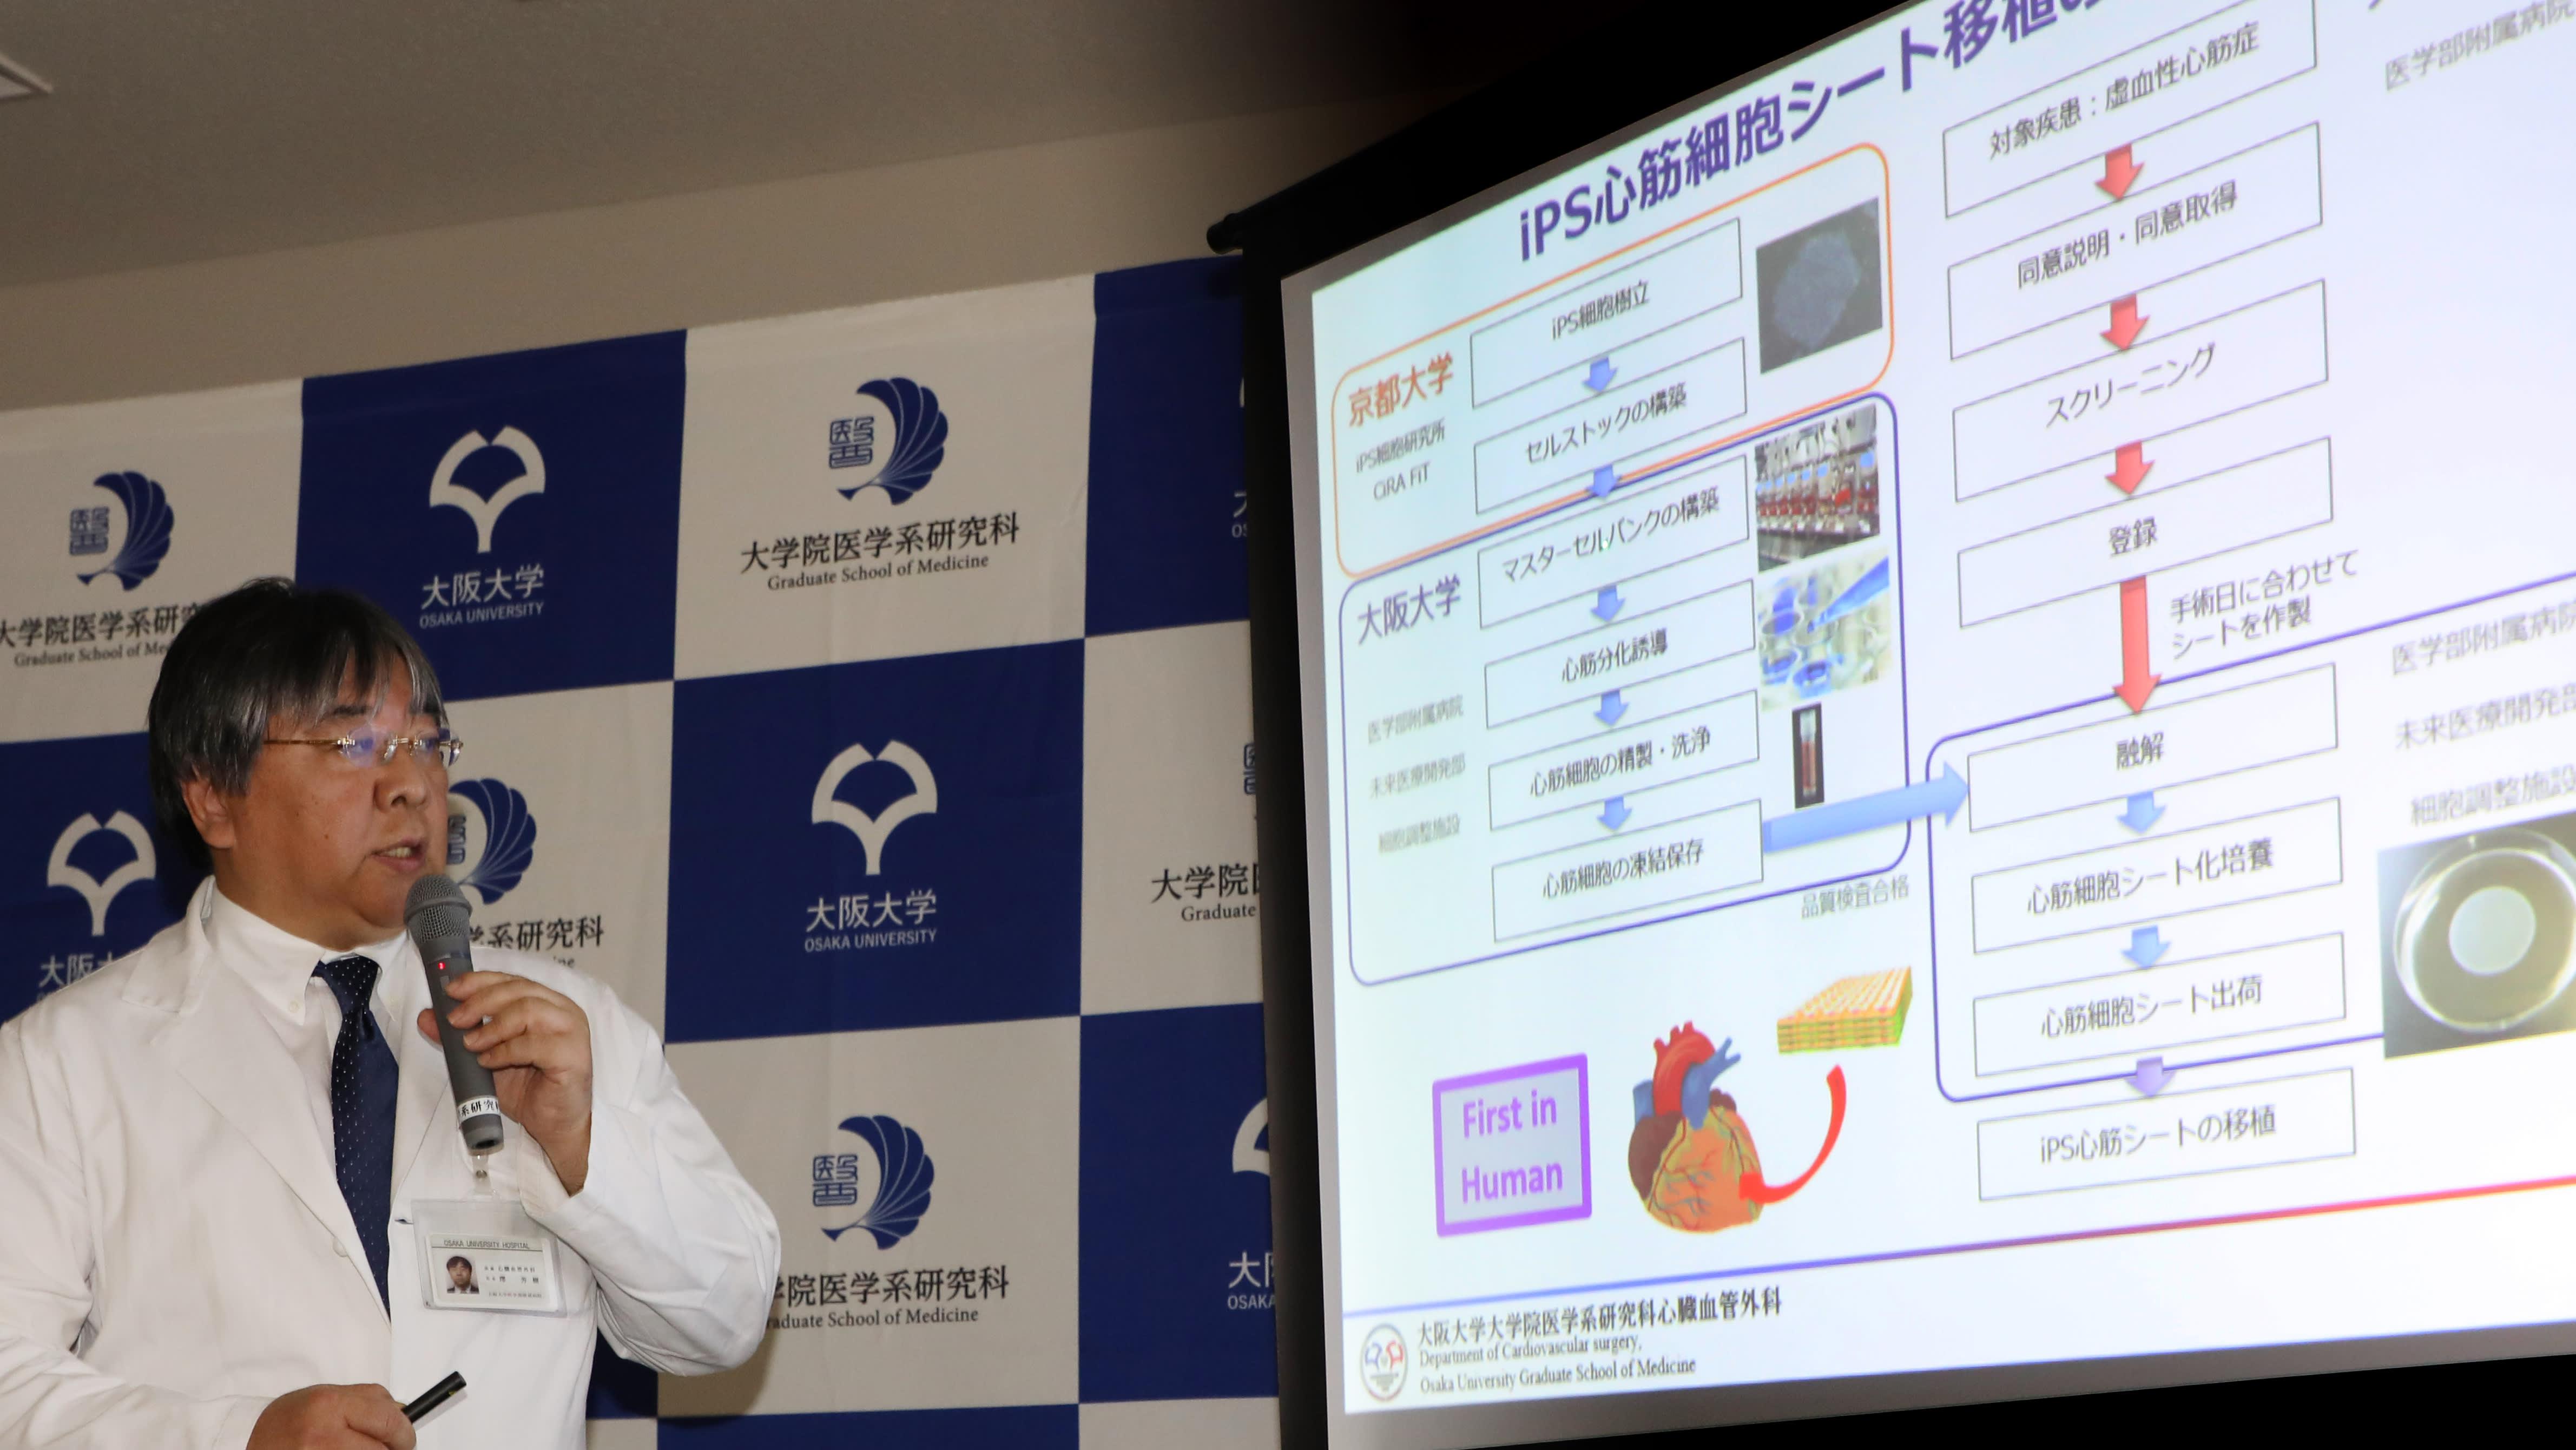 В Японии анонсировали клинические испытания биоинженерной заплатки на сердце